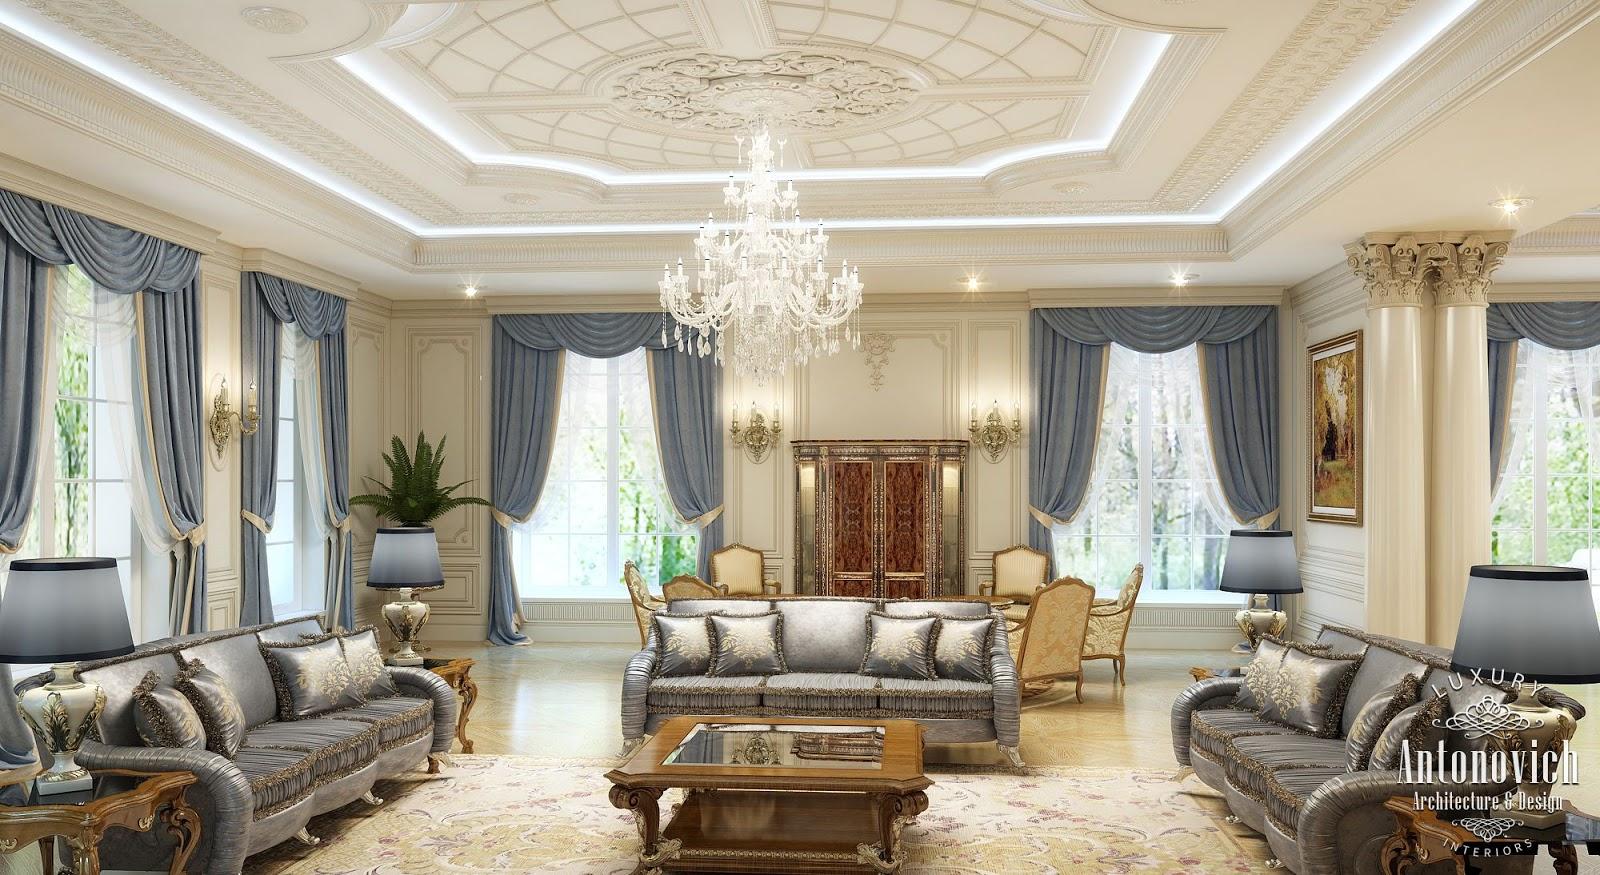 Luxury Antonovich Design Uae Villa Design In The Uae